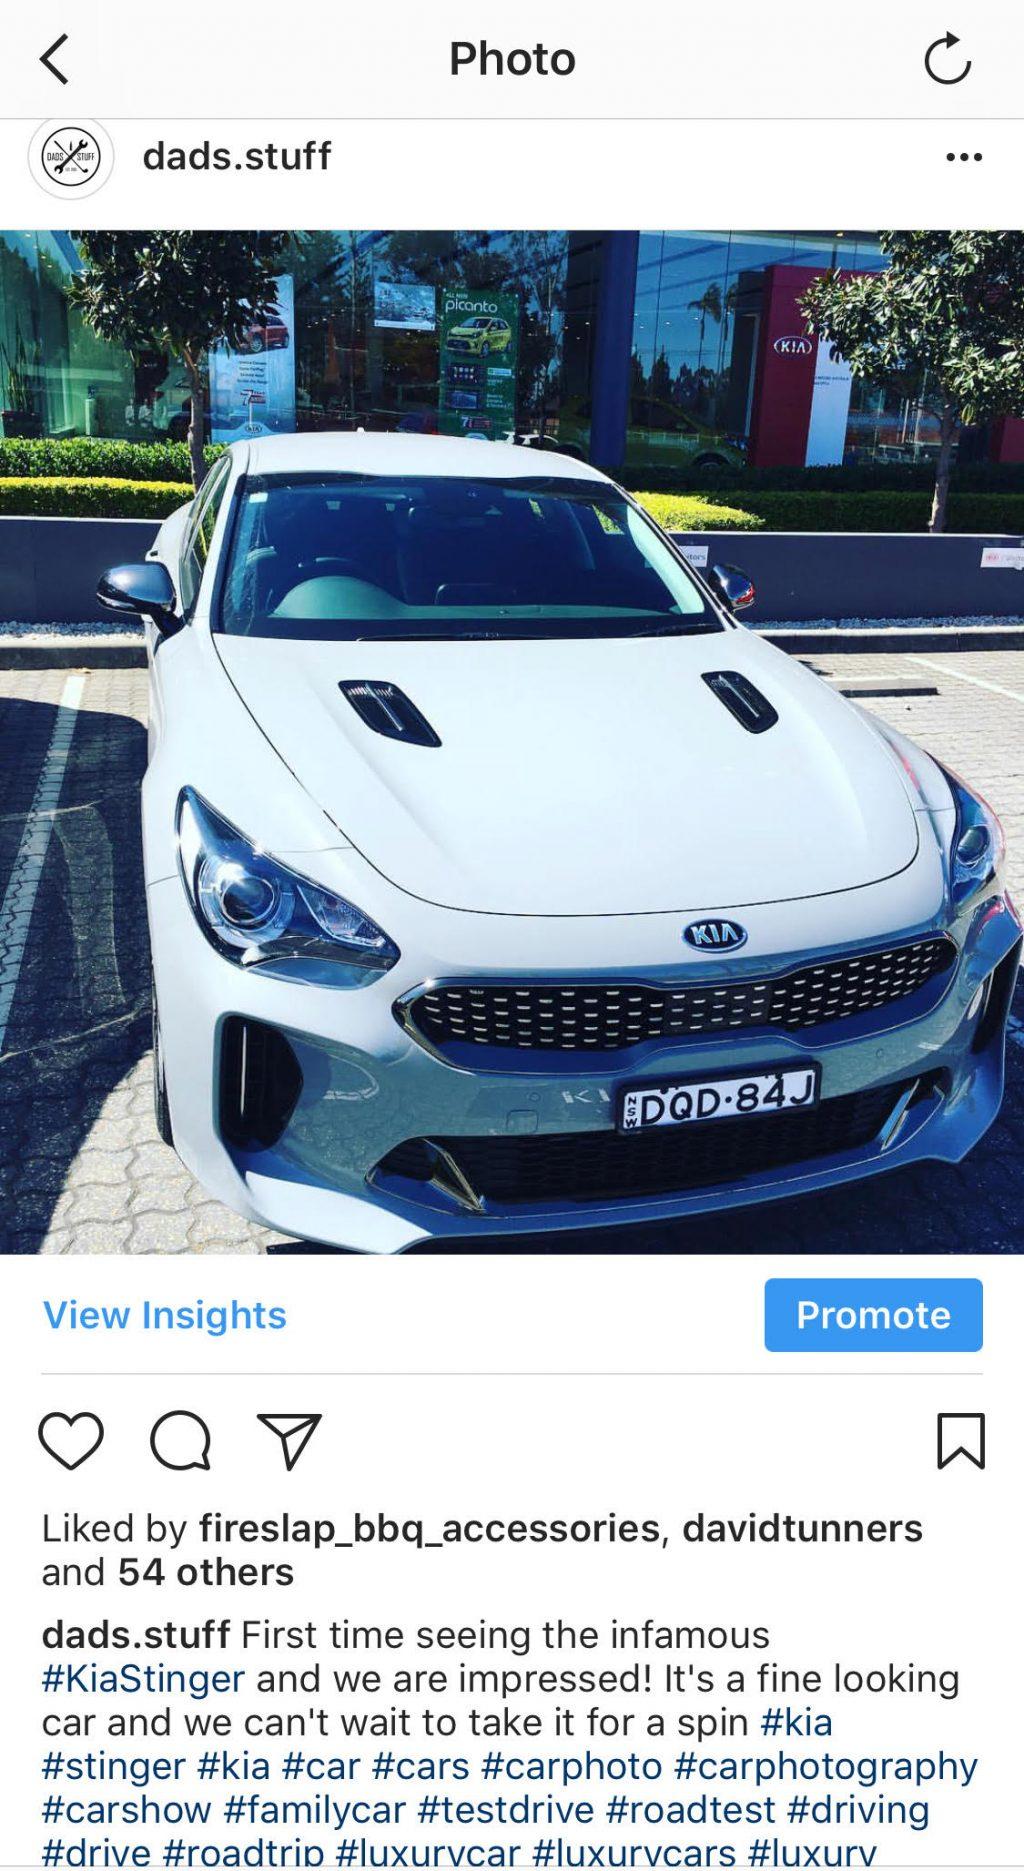 Kia Stinger Instagram